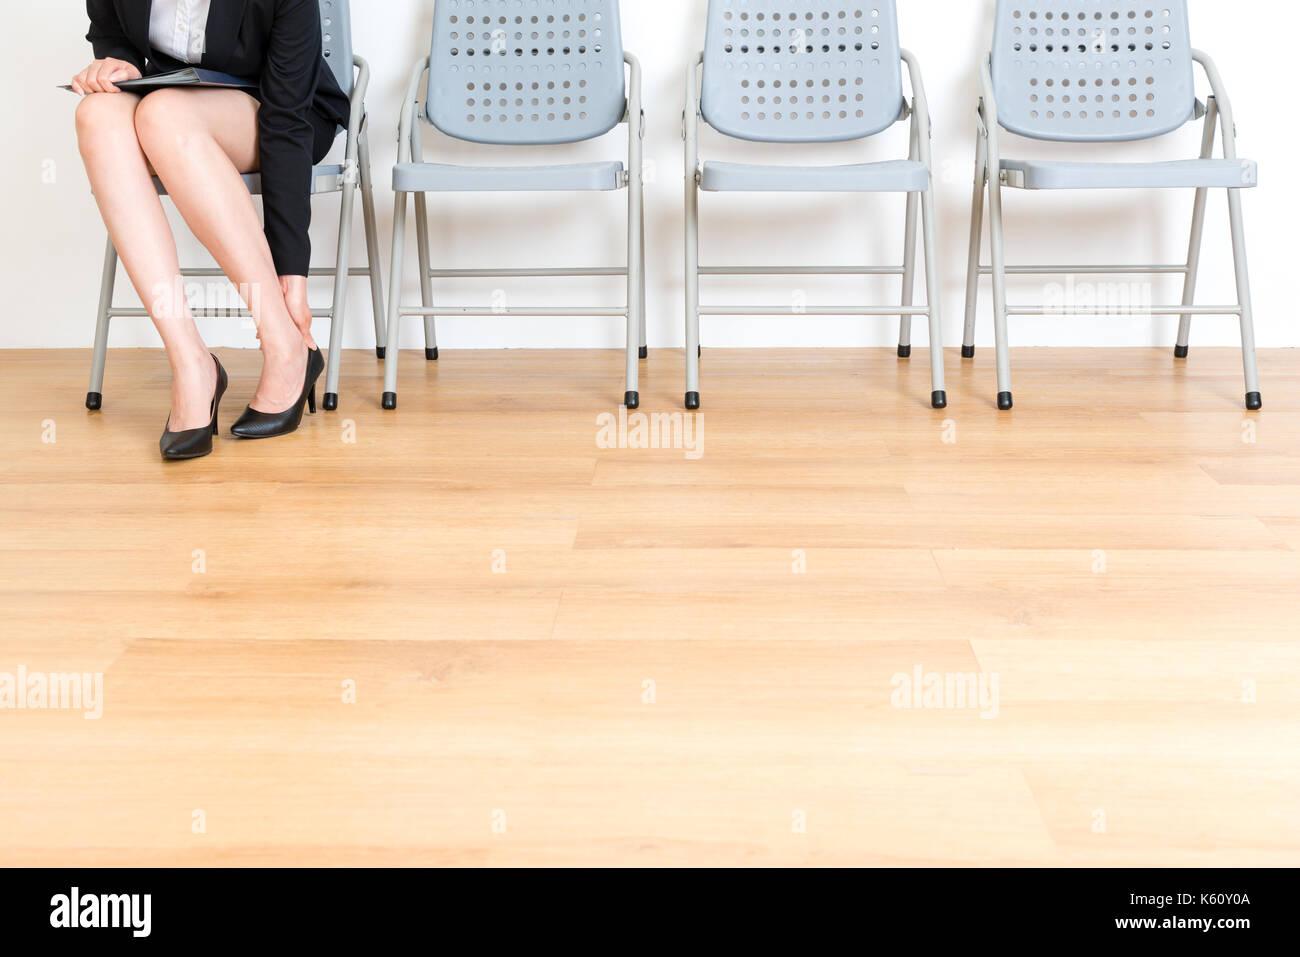 Ufficio Elegante Lungi : Primo piano della elegante giovane lavoratore di ufficio lady